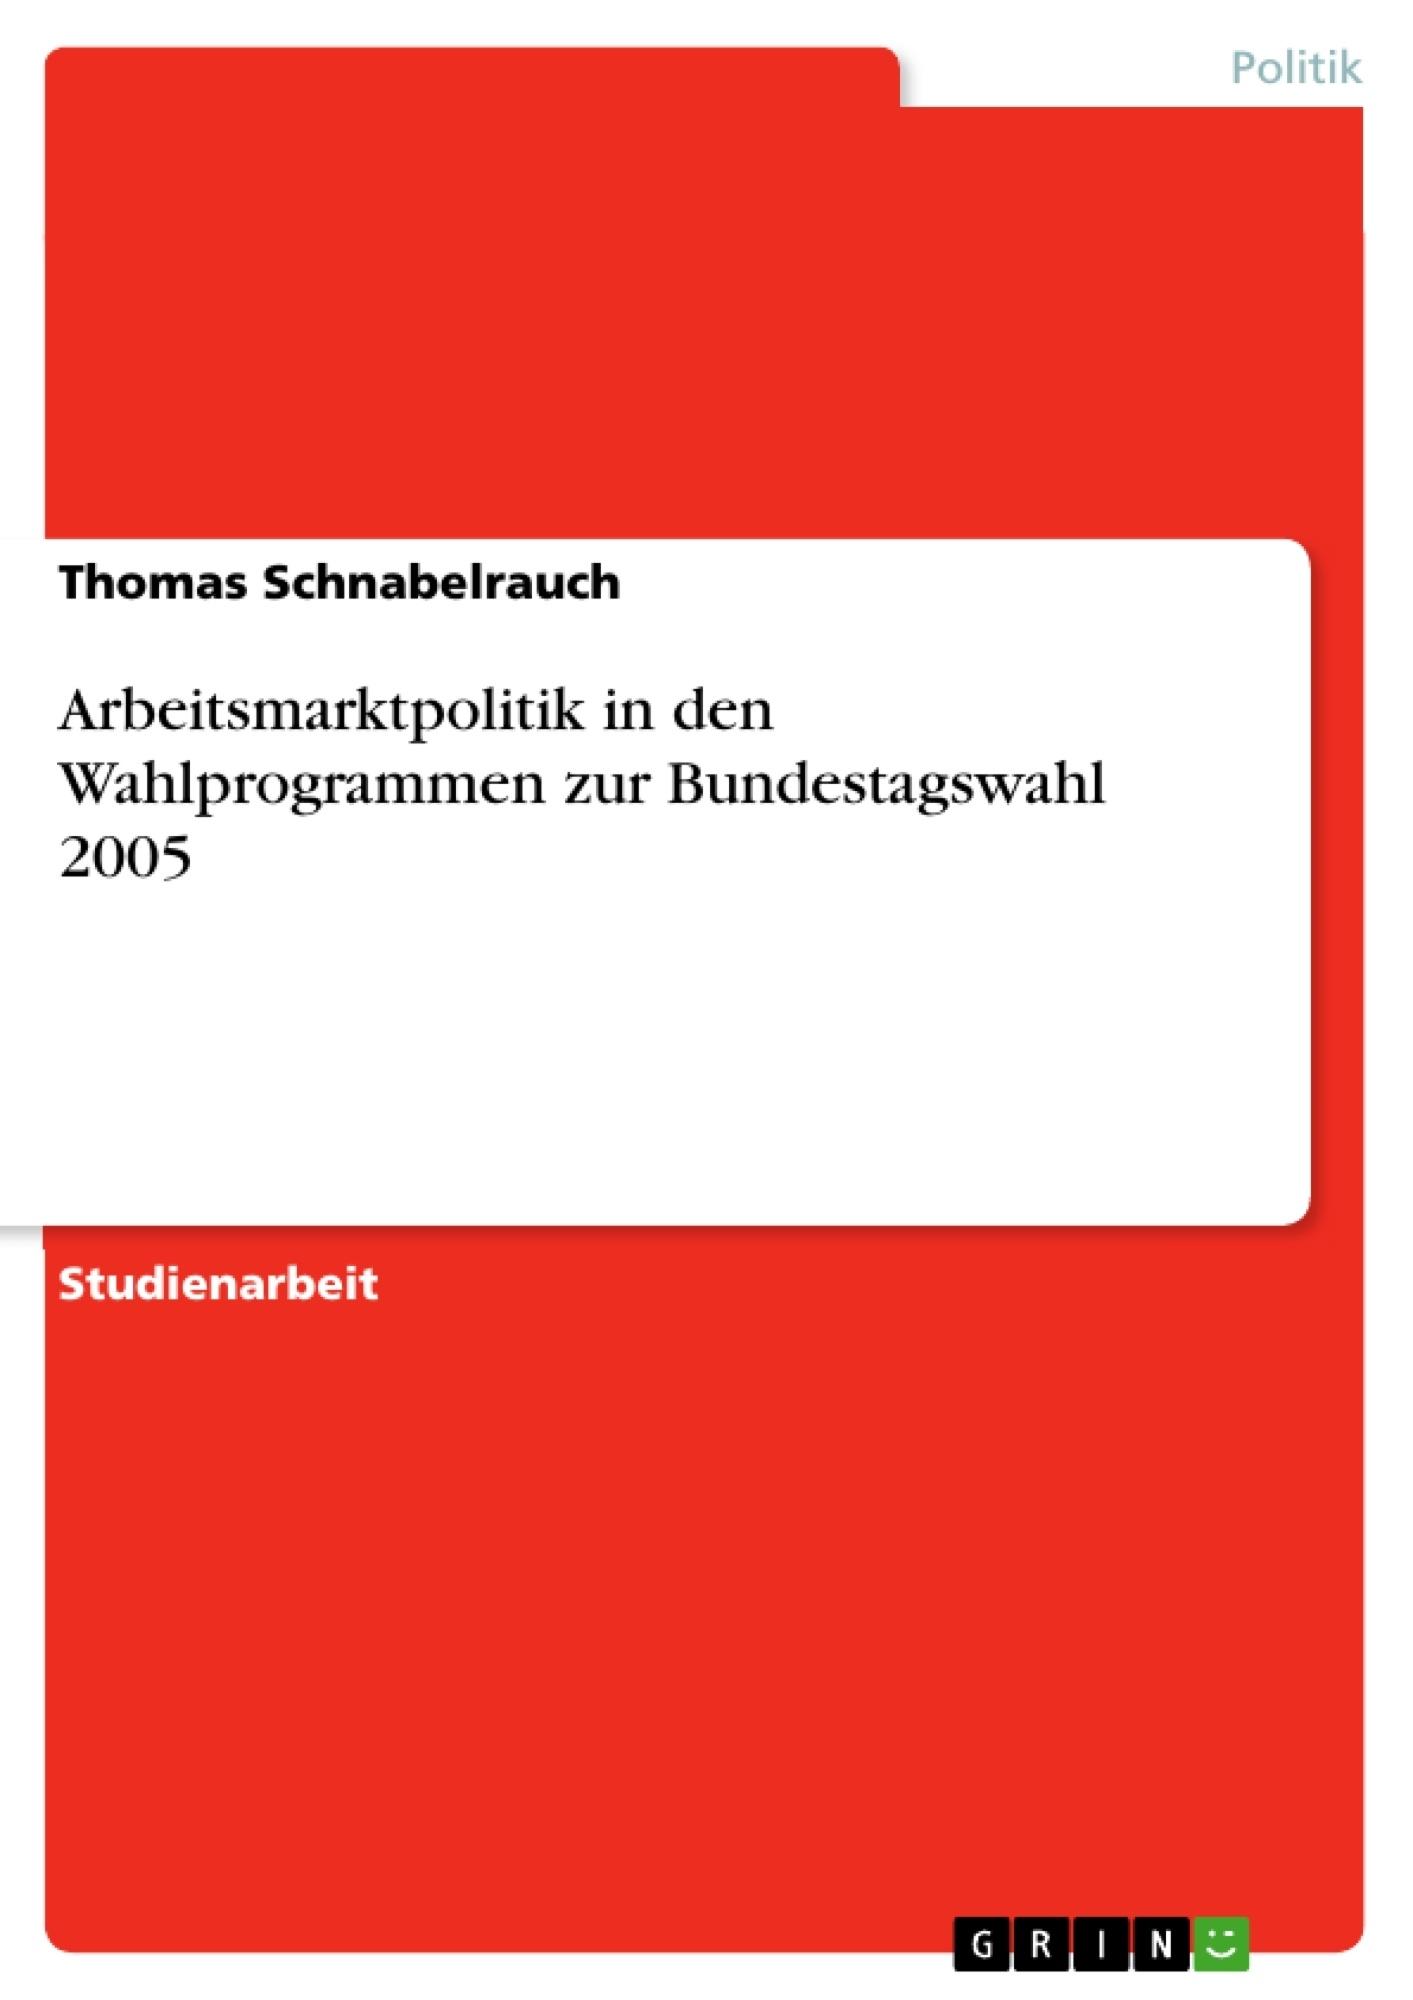 Titel: Arbeitsmarktpolitik in den Wahlprogrammen zur Bundestagswahl 2005